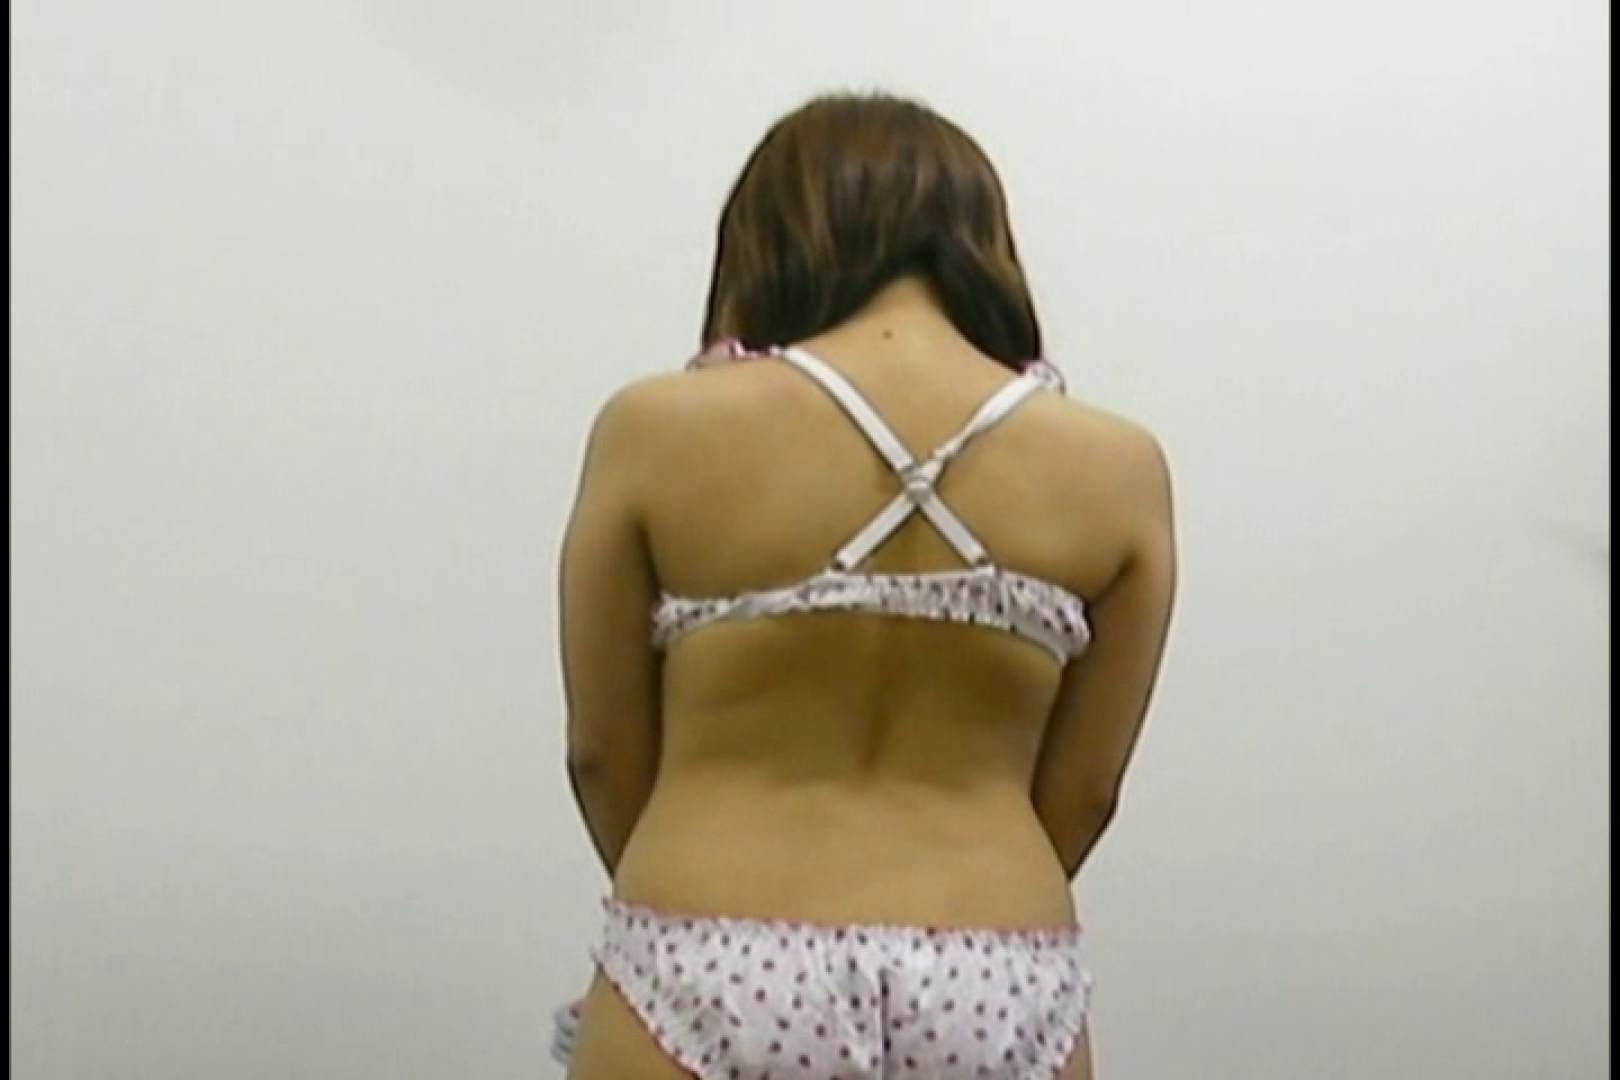 素人撮影 下着だけの撮影のはずが・・・ ゆな20歳 Hなお姉さん | おっぱい  52pic 16